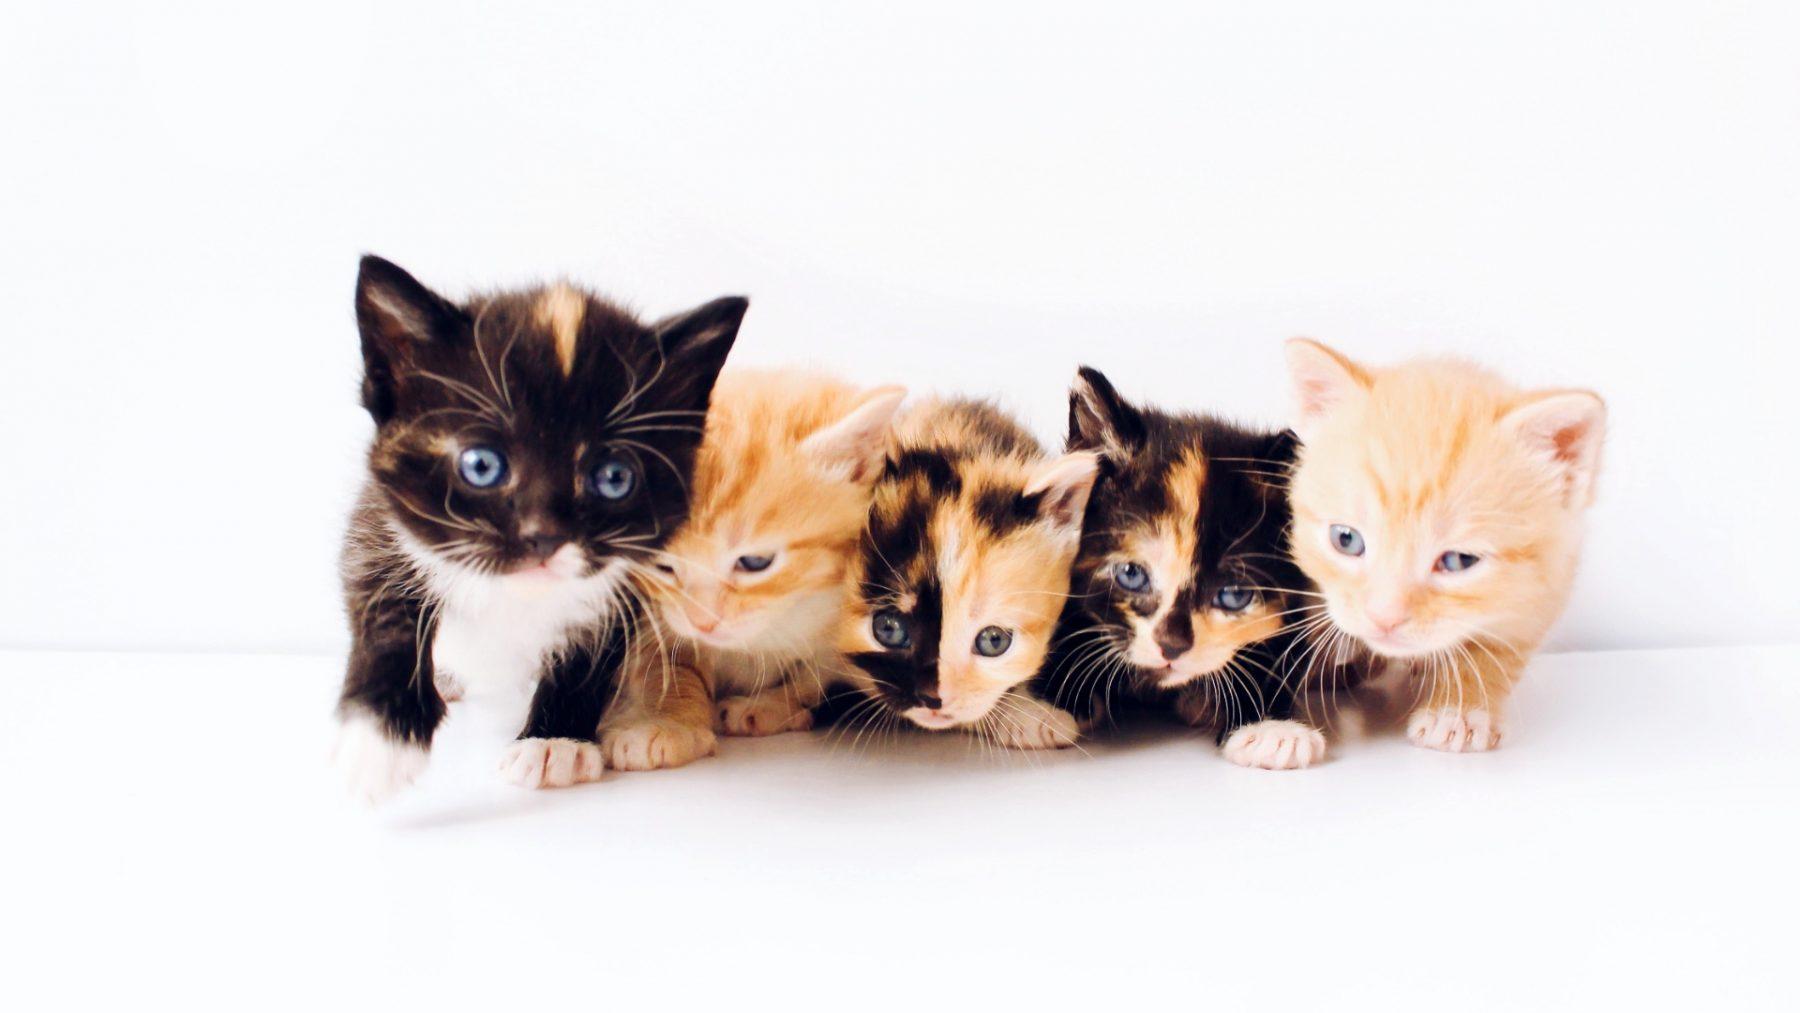 kijken naar schattige dieren is gezond